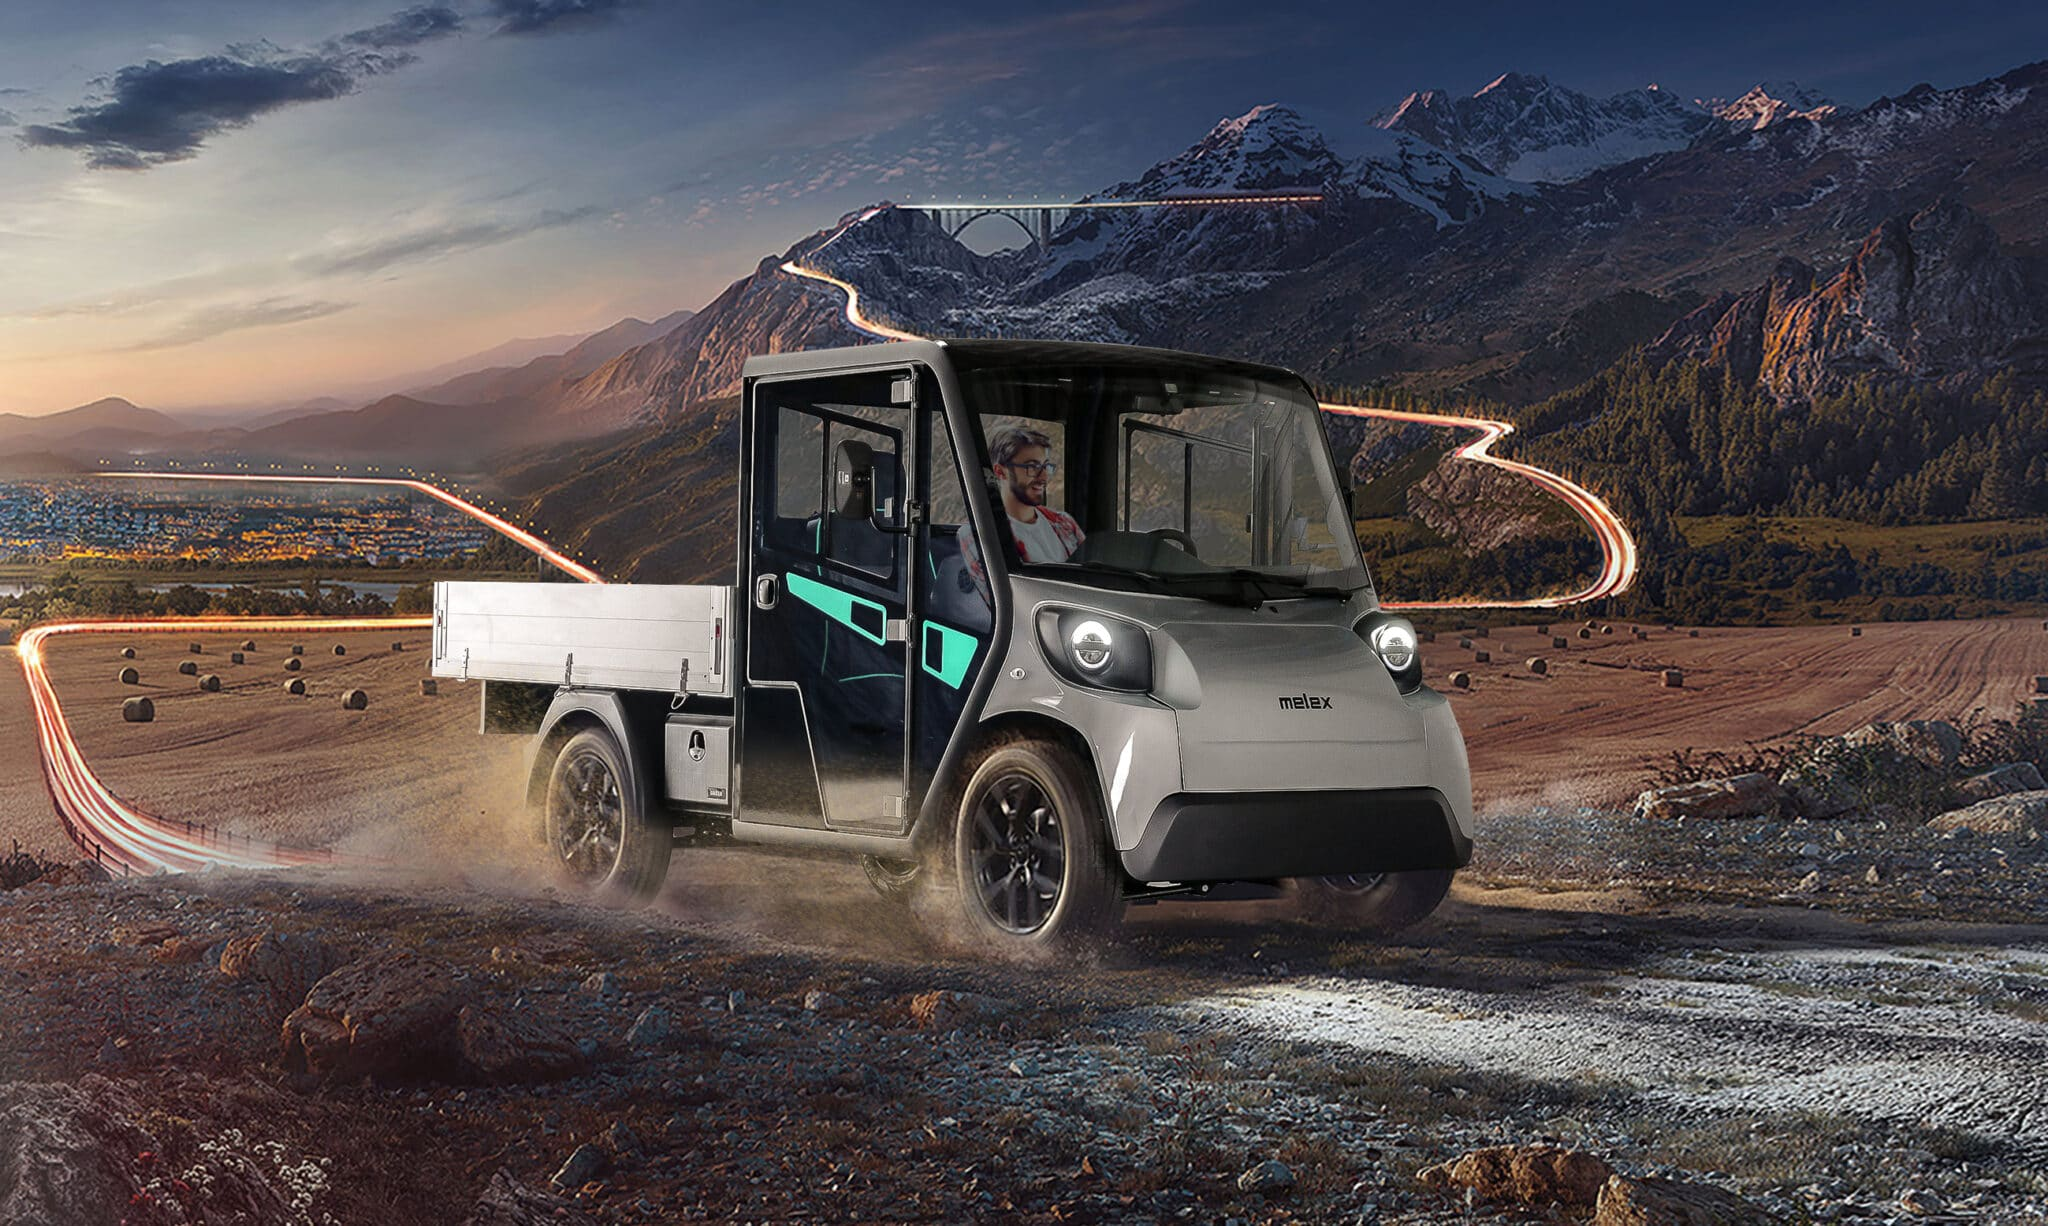 el arbejdsbil og el køretøj fra Melex